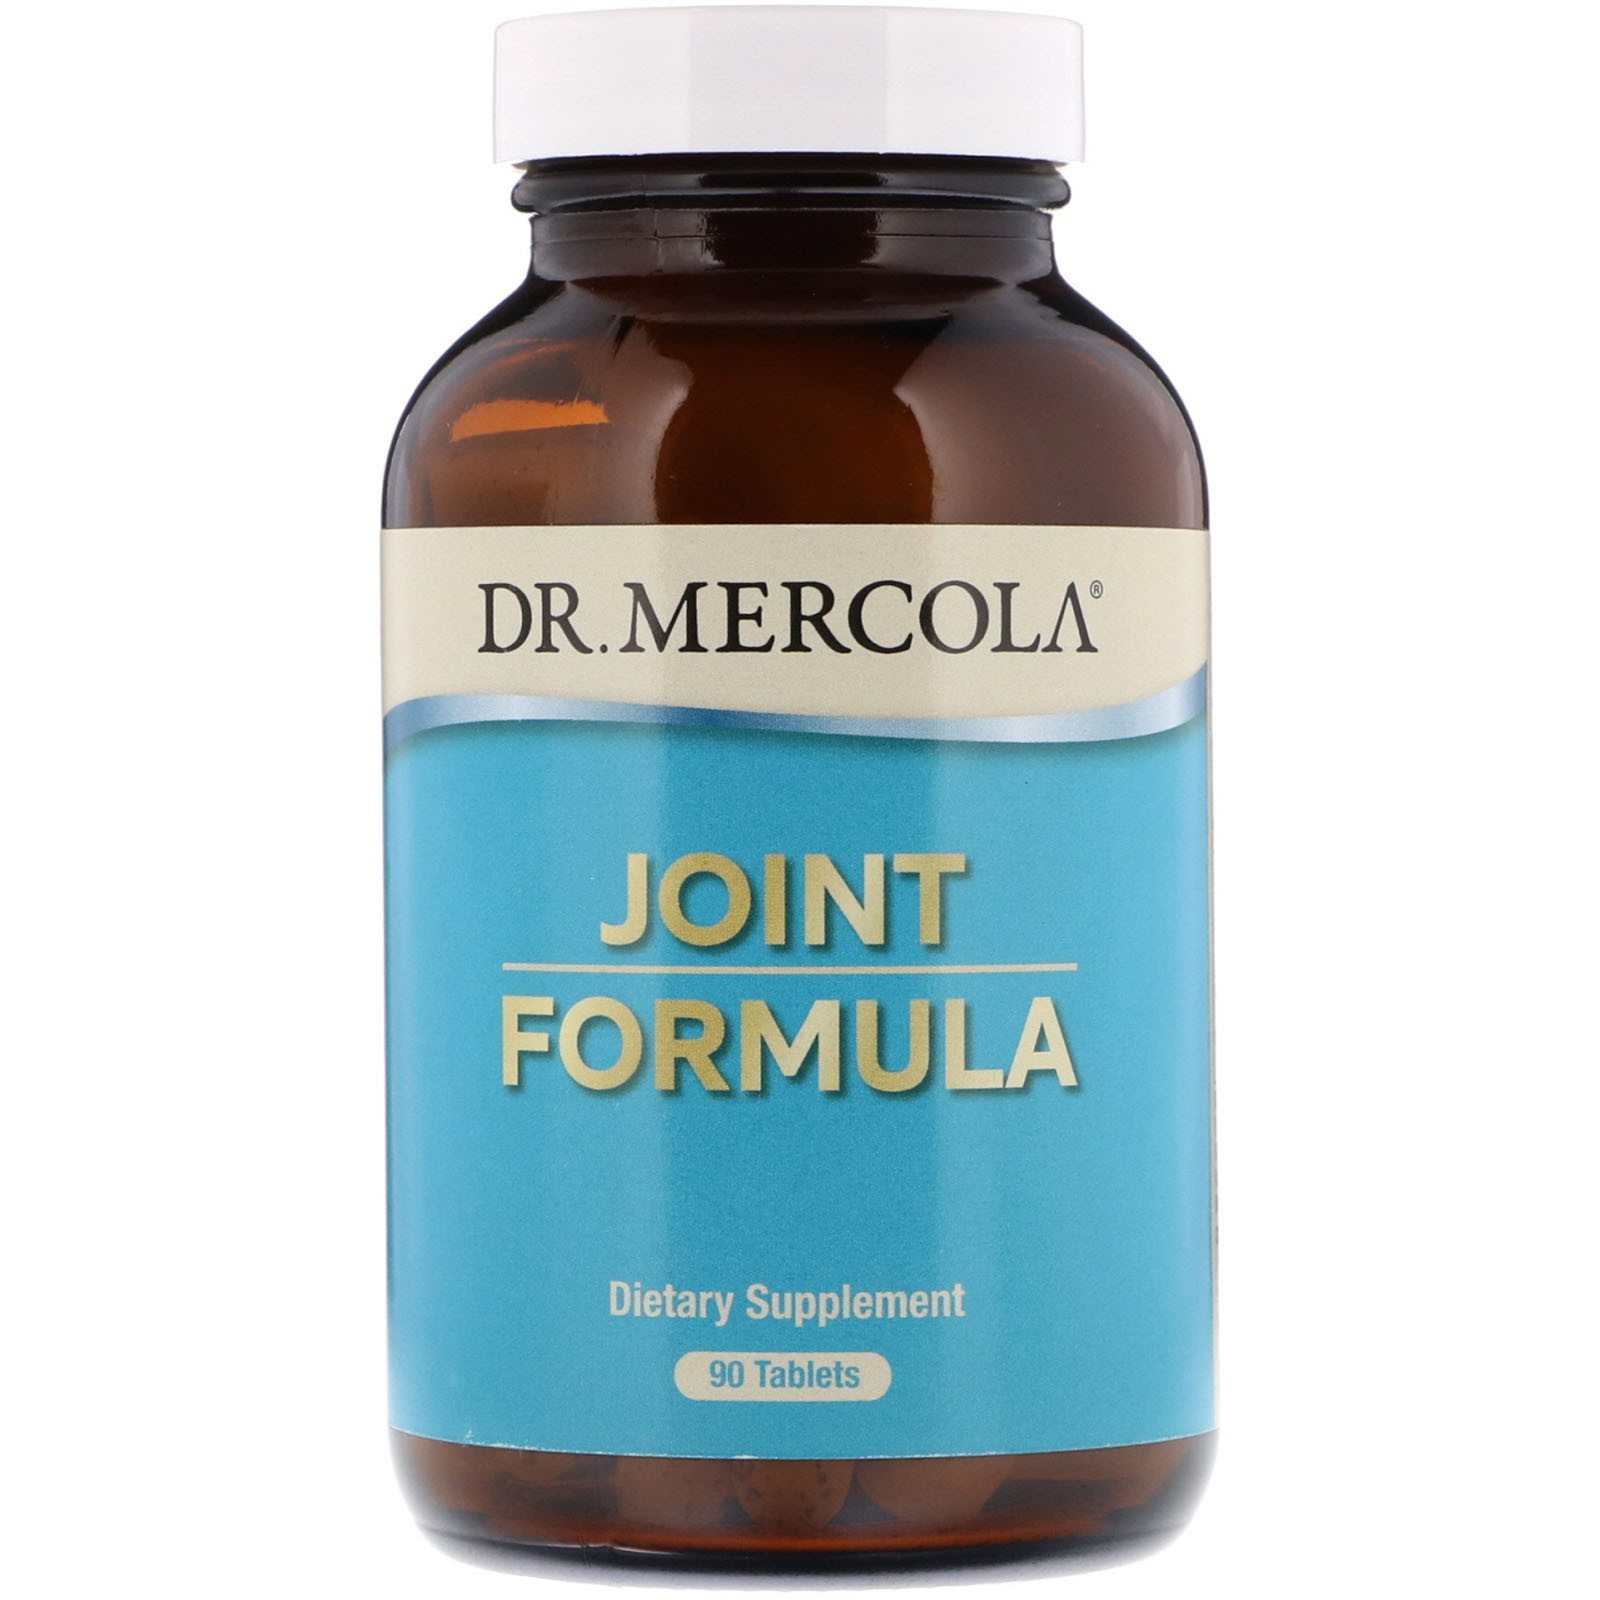 Image of Dr. Mercola, Formula congiunta con HA plus BiovaFlex, 30 Capsules 0810487031356